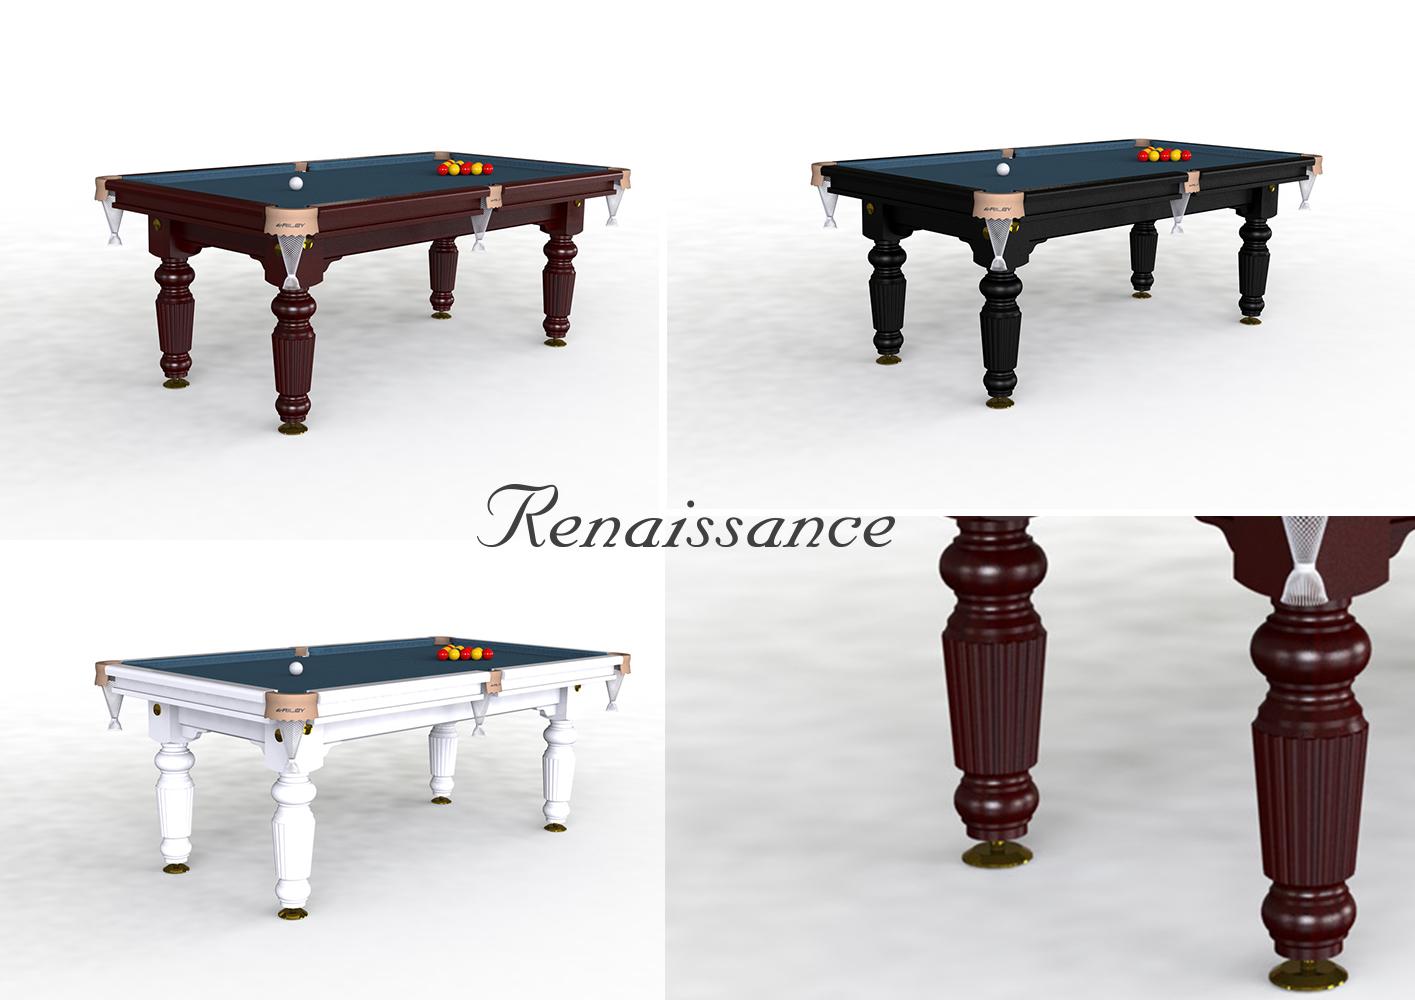 Riley Renaissance 7ft Pool Diner